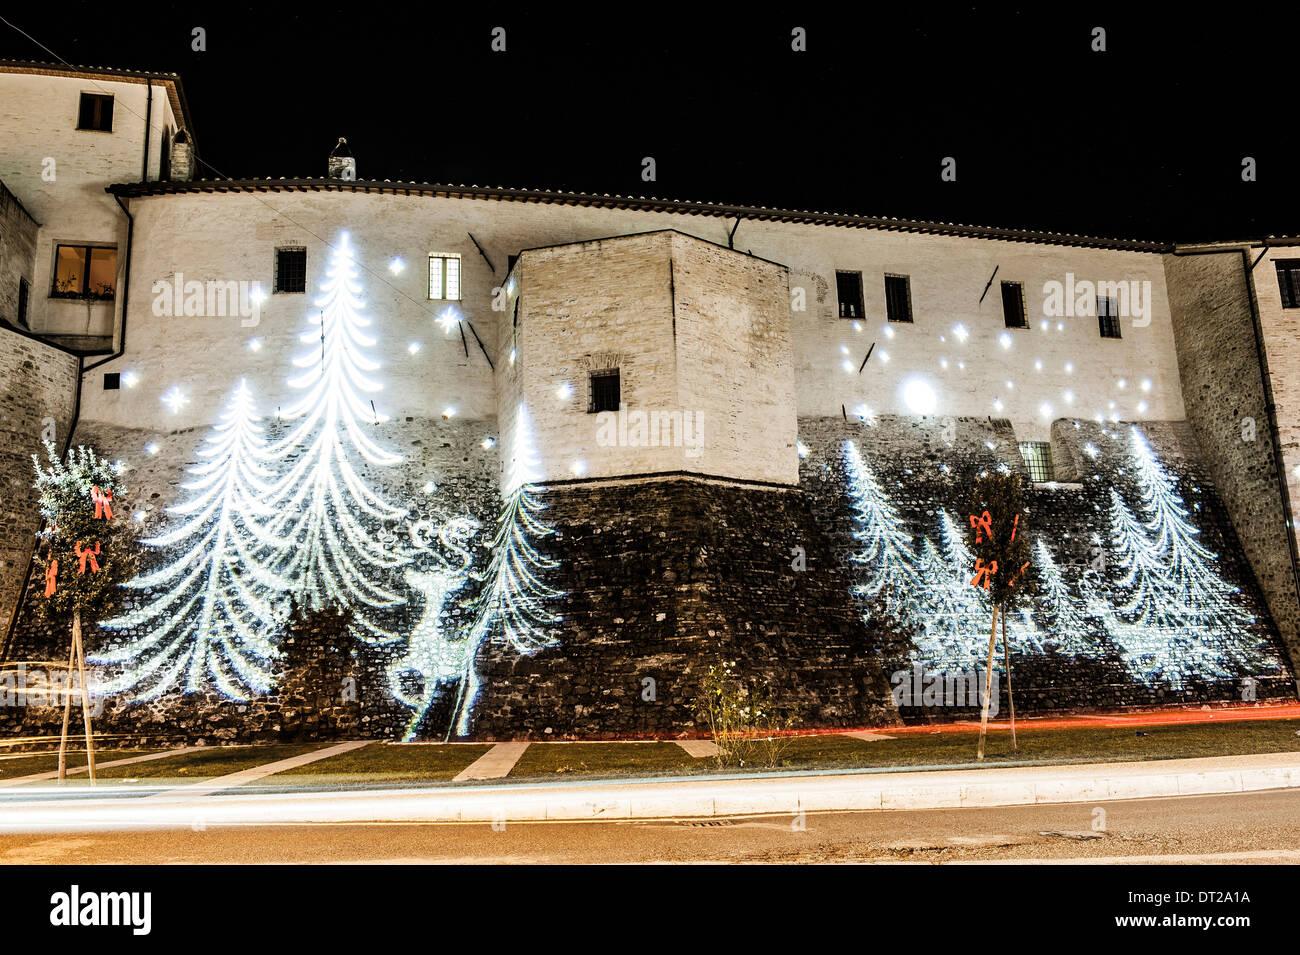 Weihnachtsbilder Suchen.Bastia Umbra Perugia Weihnachtsbeleuchtung Und Weihnachtsbilder